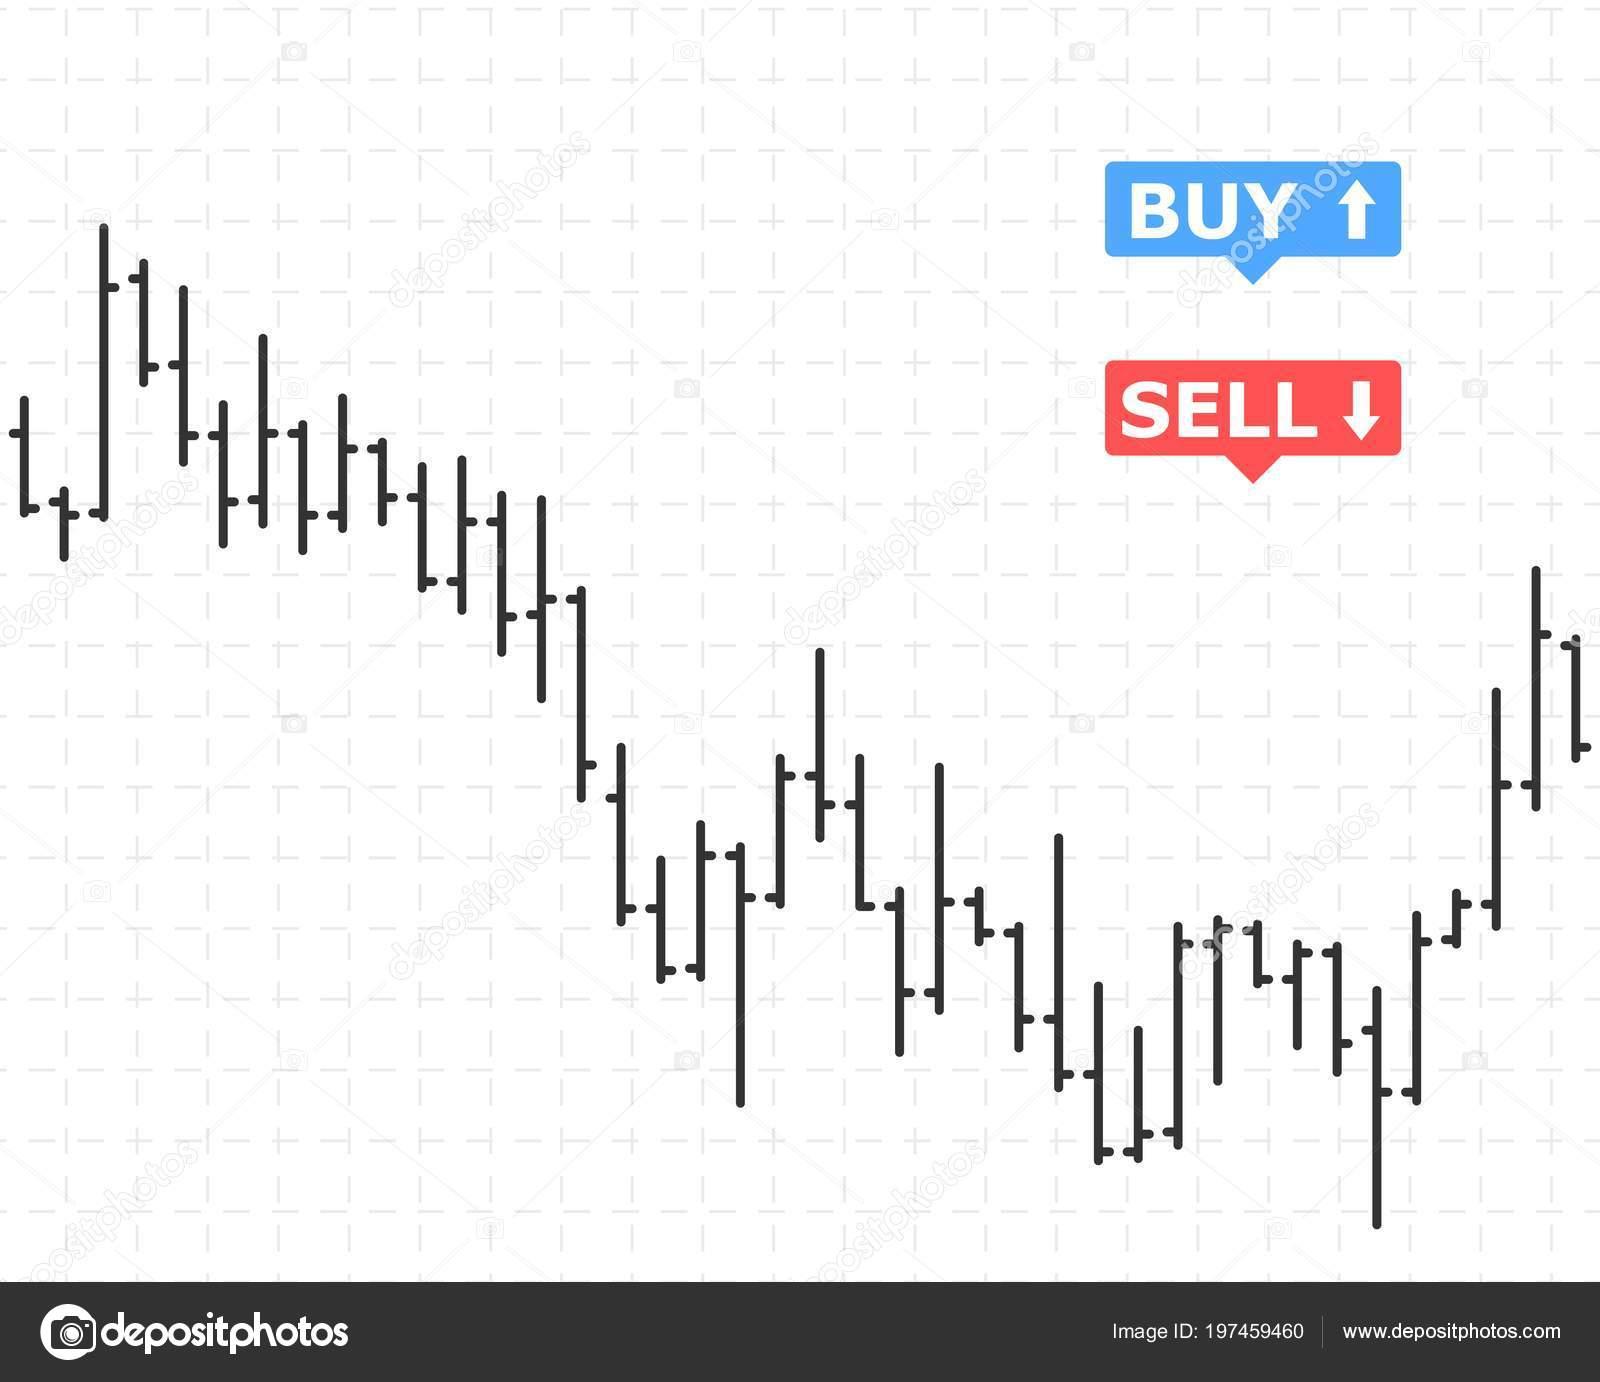 Как купить валюту форекс бездепозитные бонусы forex 50$